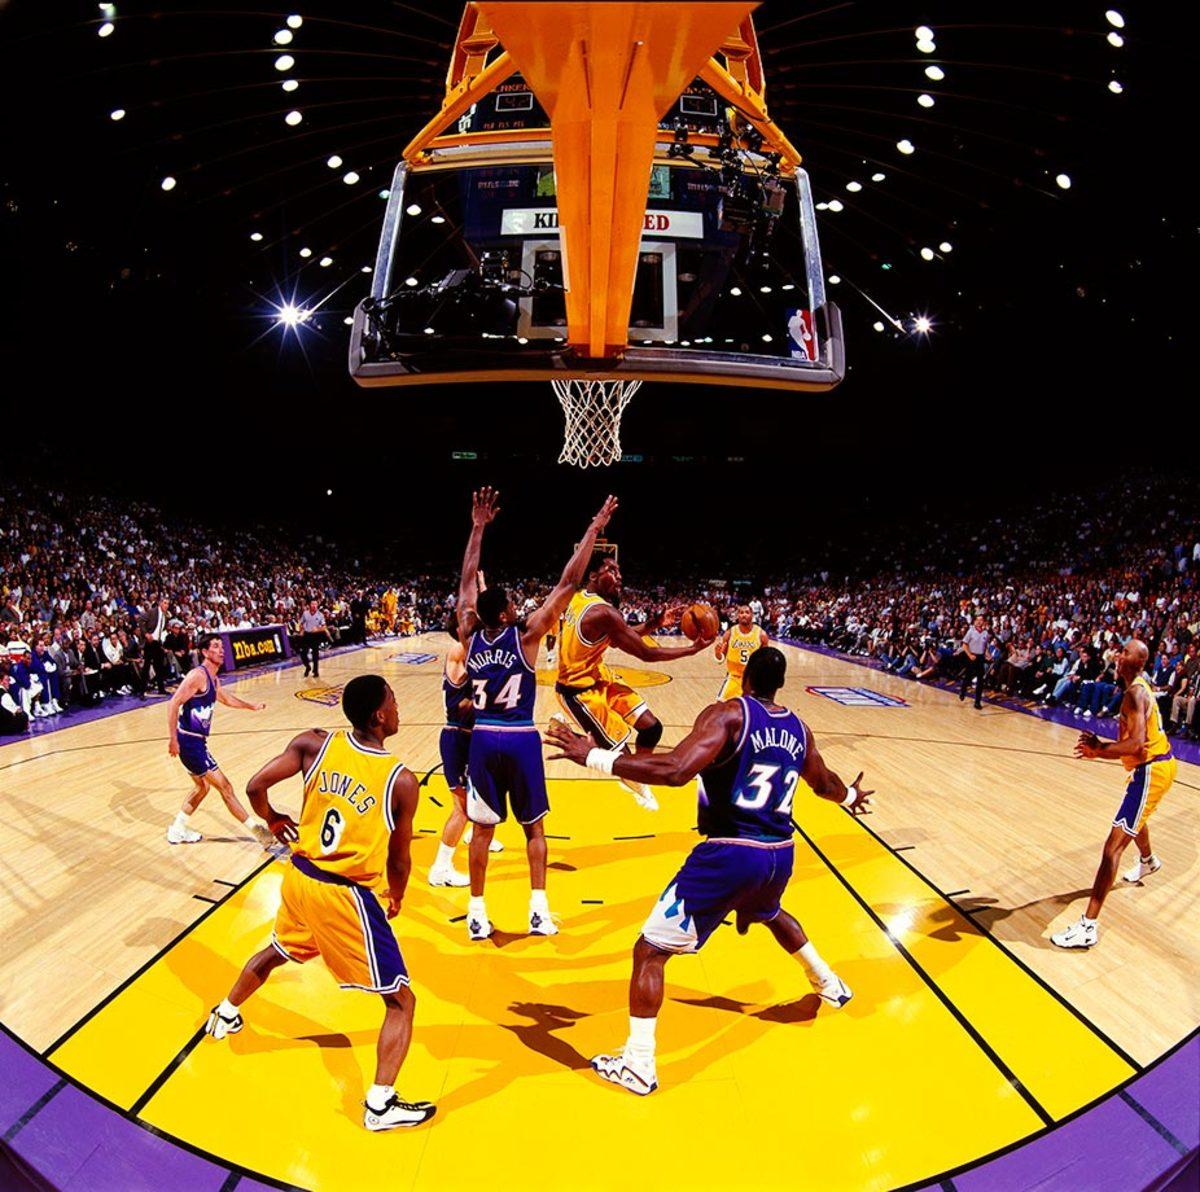 1998-0601-Kobe-Bryant-079117368.jpg